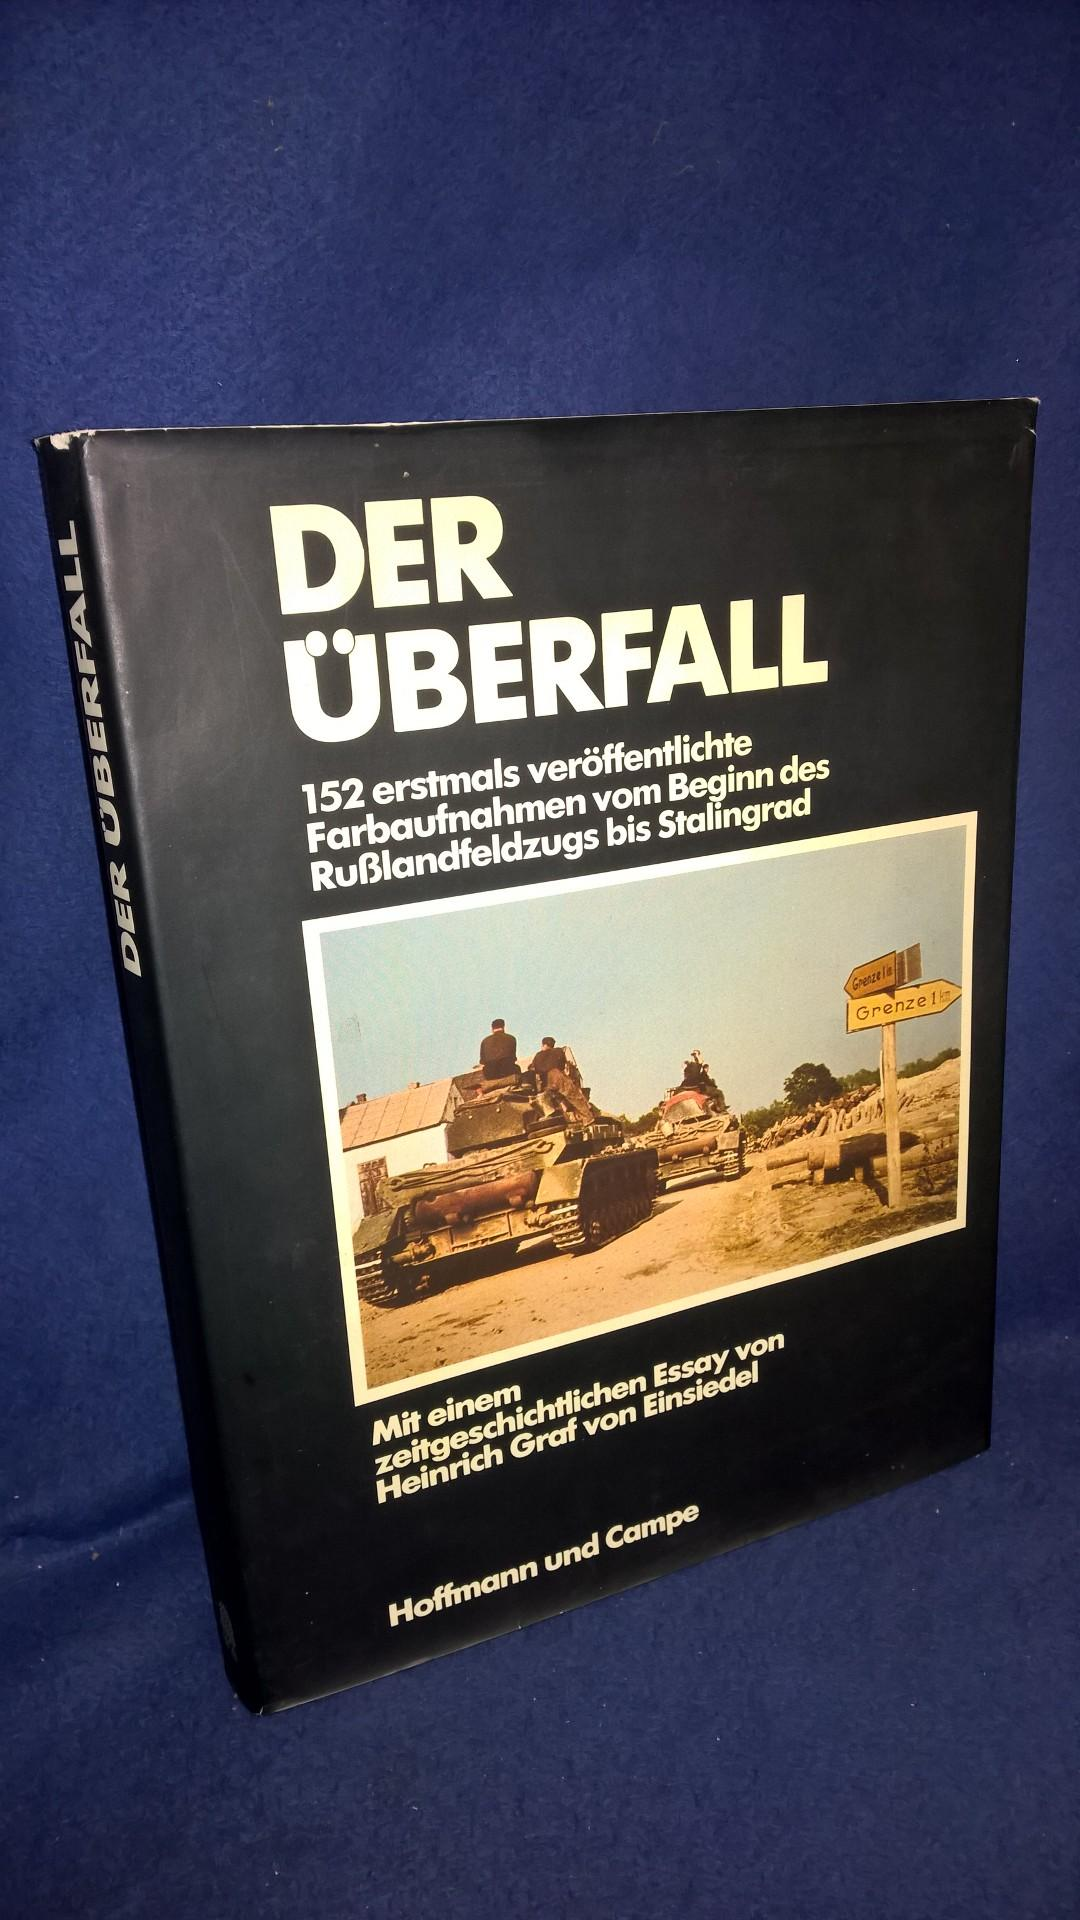 Der Überfall. 152 erstmals veröffentliche Farbaufnahmen vom Beginn des Rußlandfeldzugs bis Stalingrad.